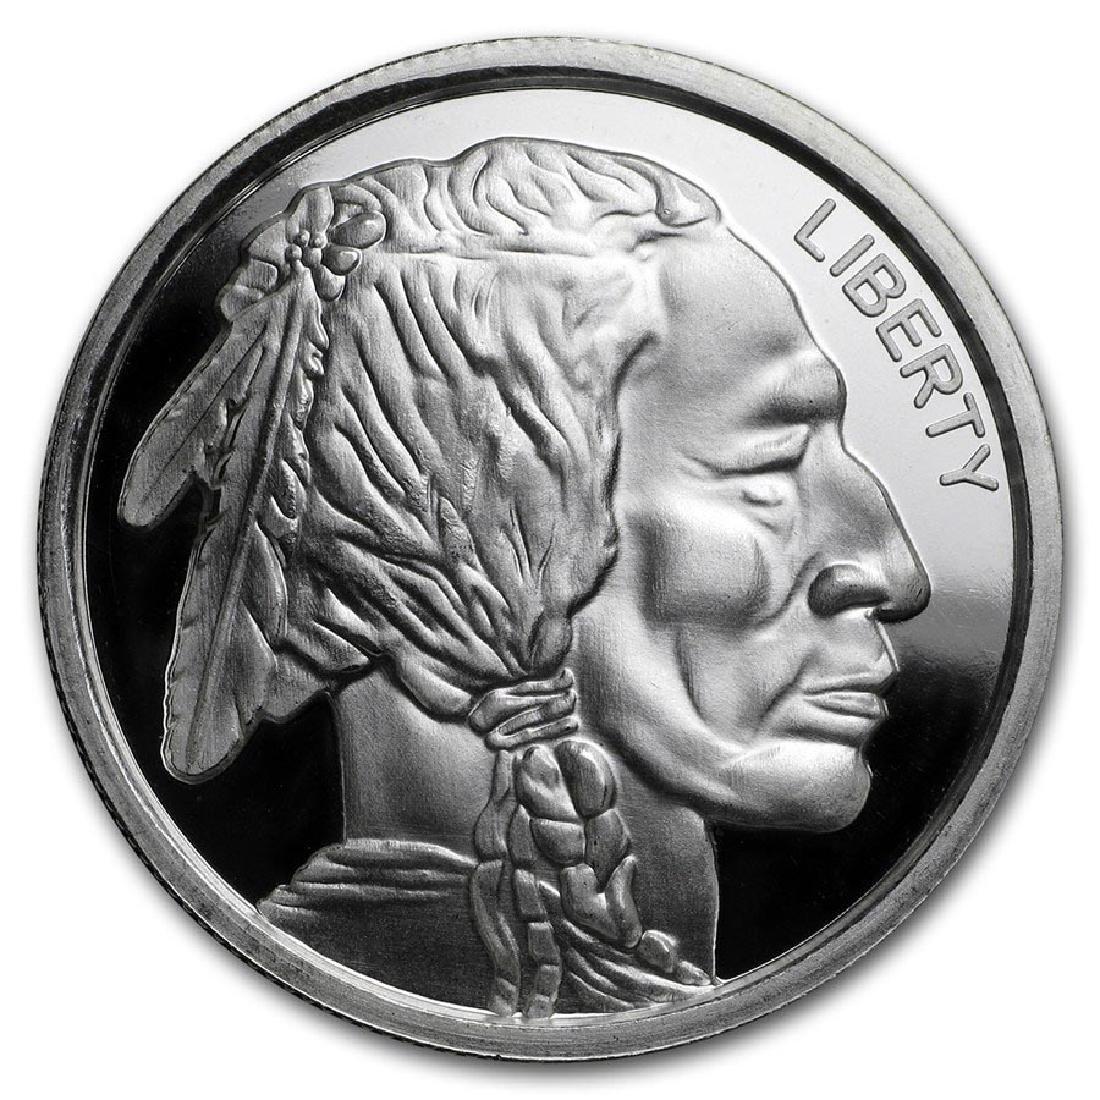 1 oz Silver Ultra High Relief Round - Buffalo